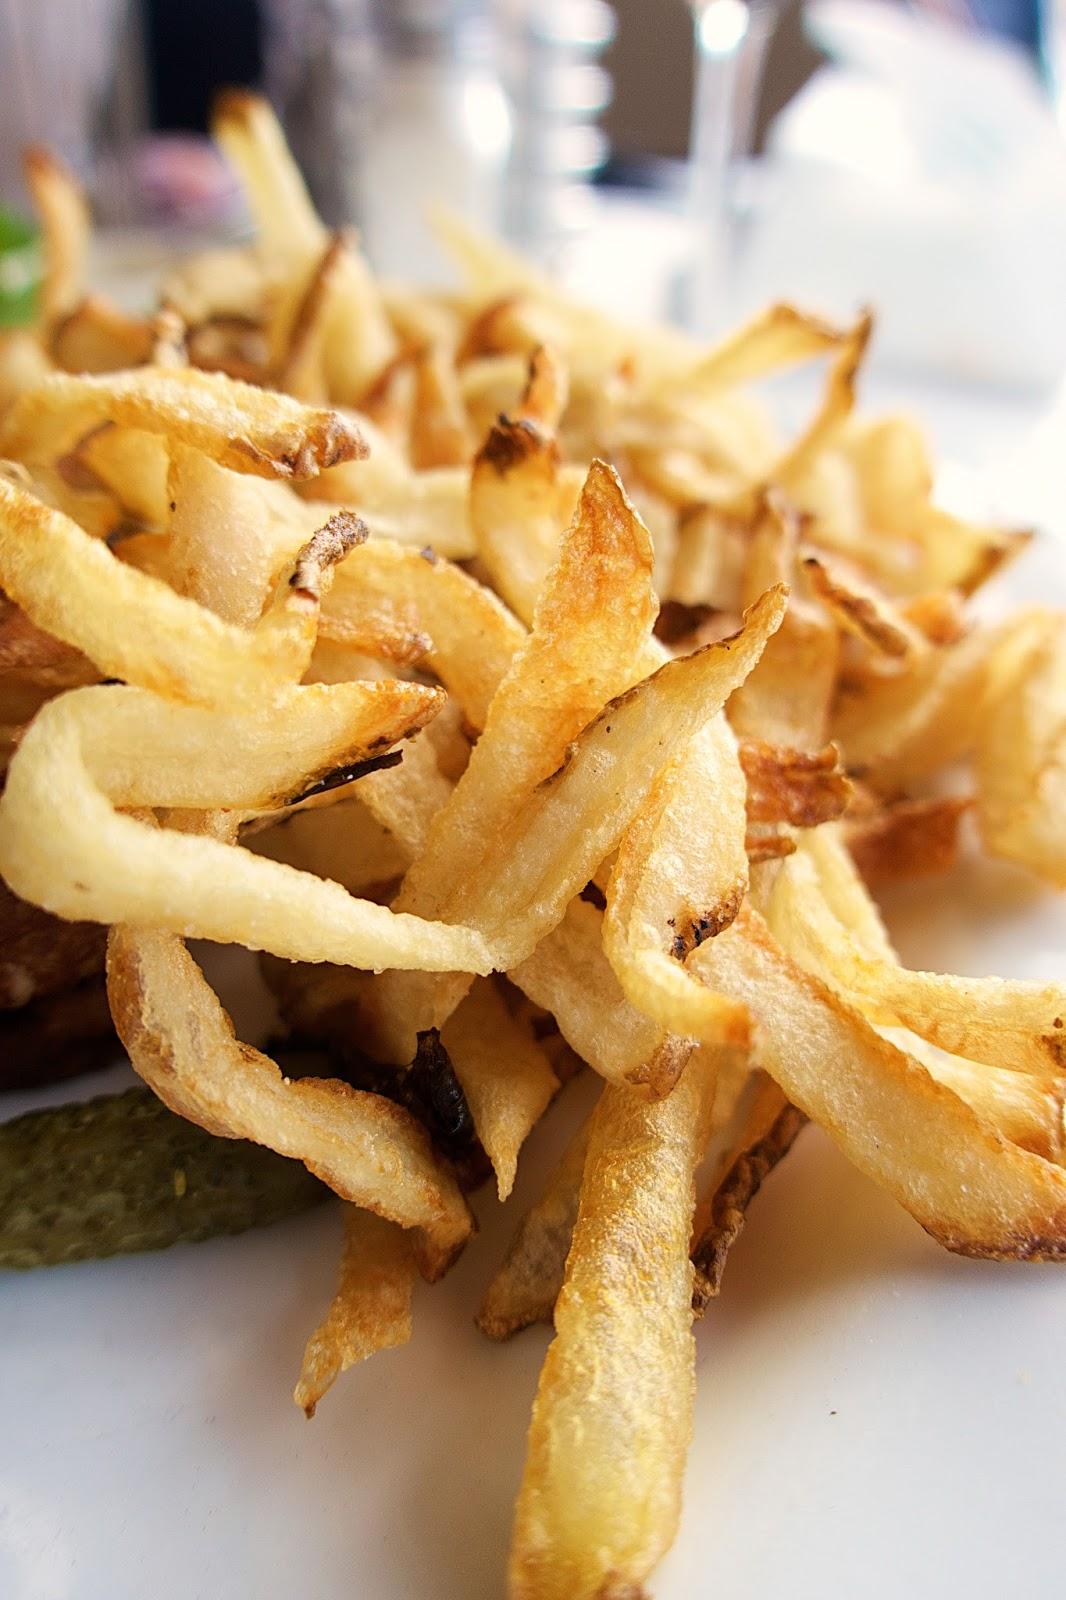 Mon Ami Gabi French Fries